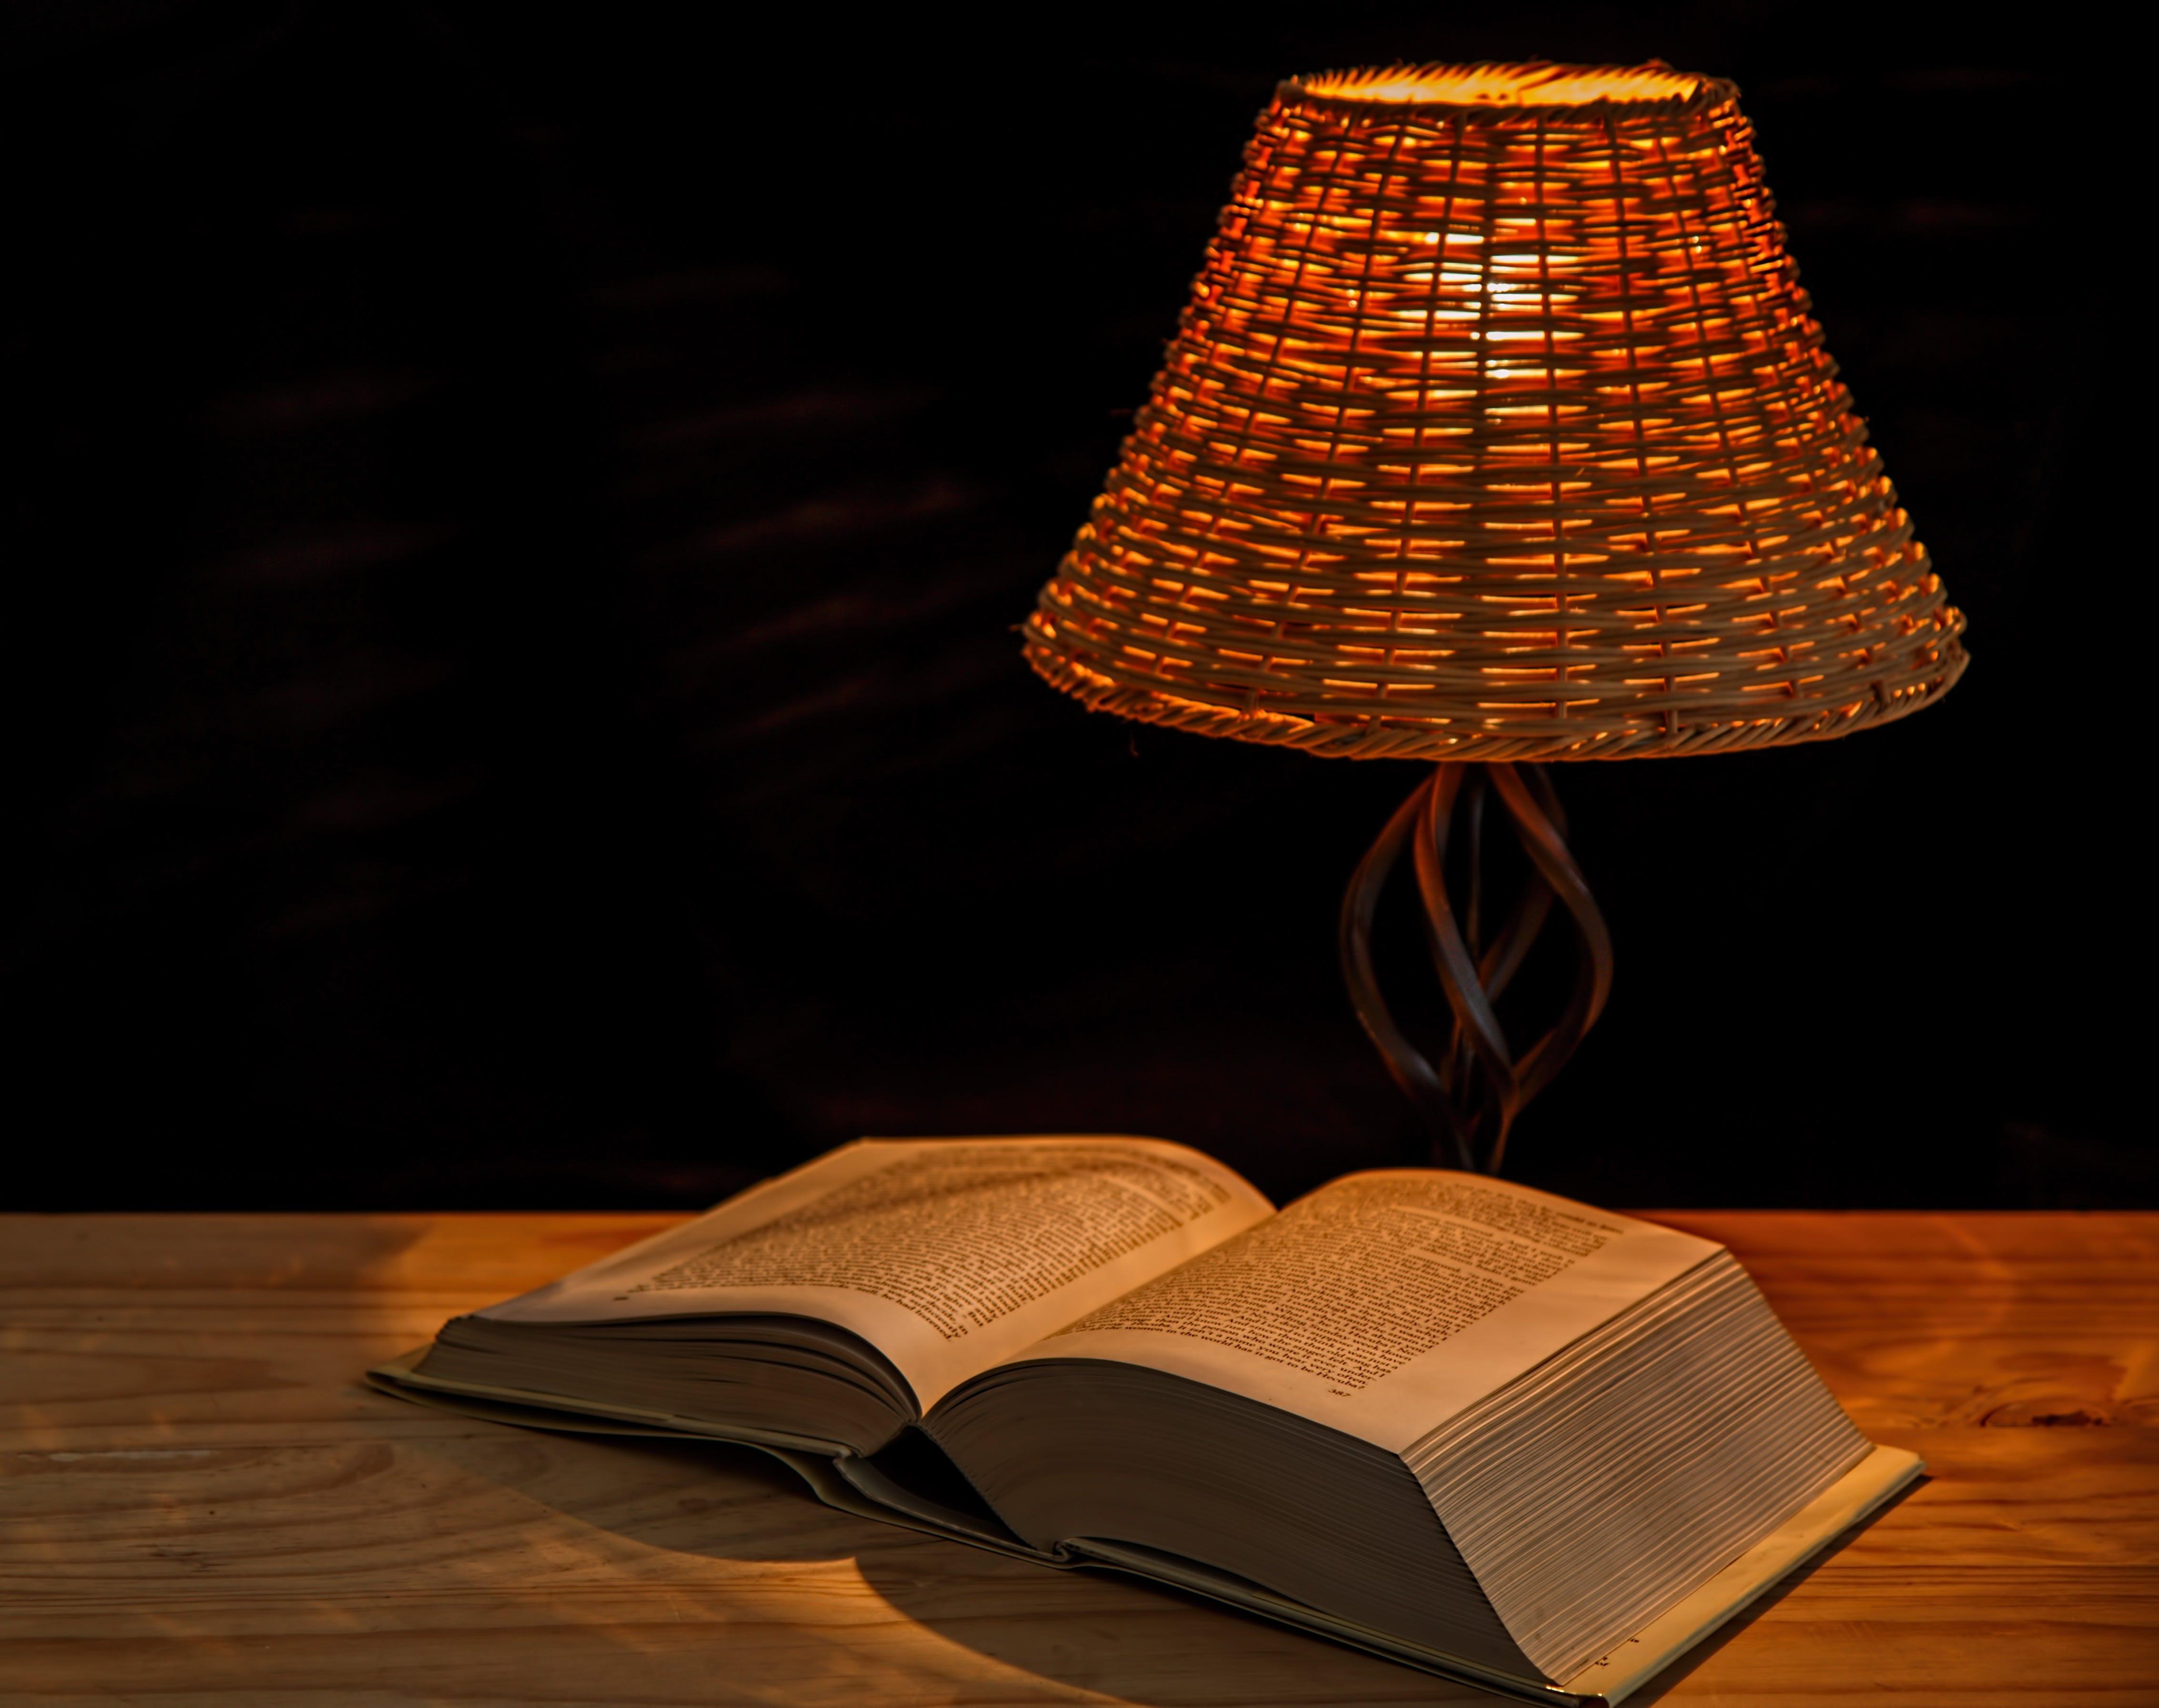 Kostenloses Stock Foto zu enzyklopädie, lampe, lampenschirm, lexikon